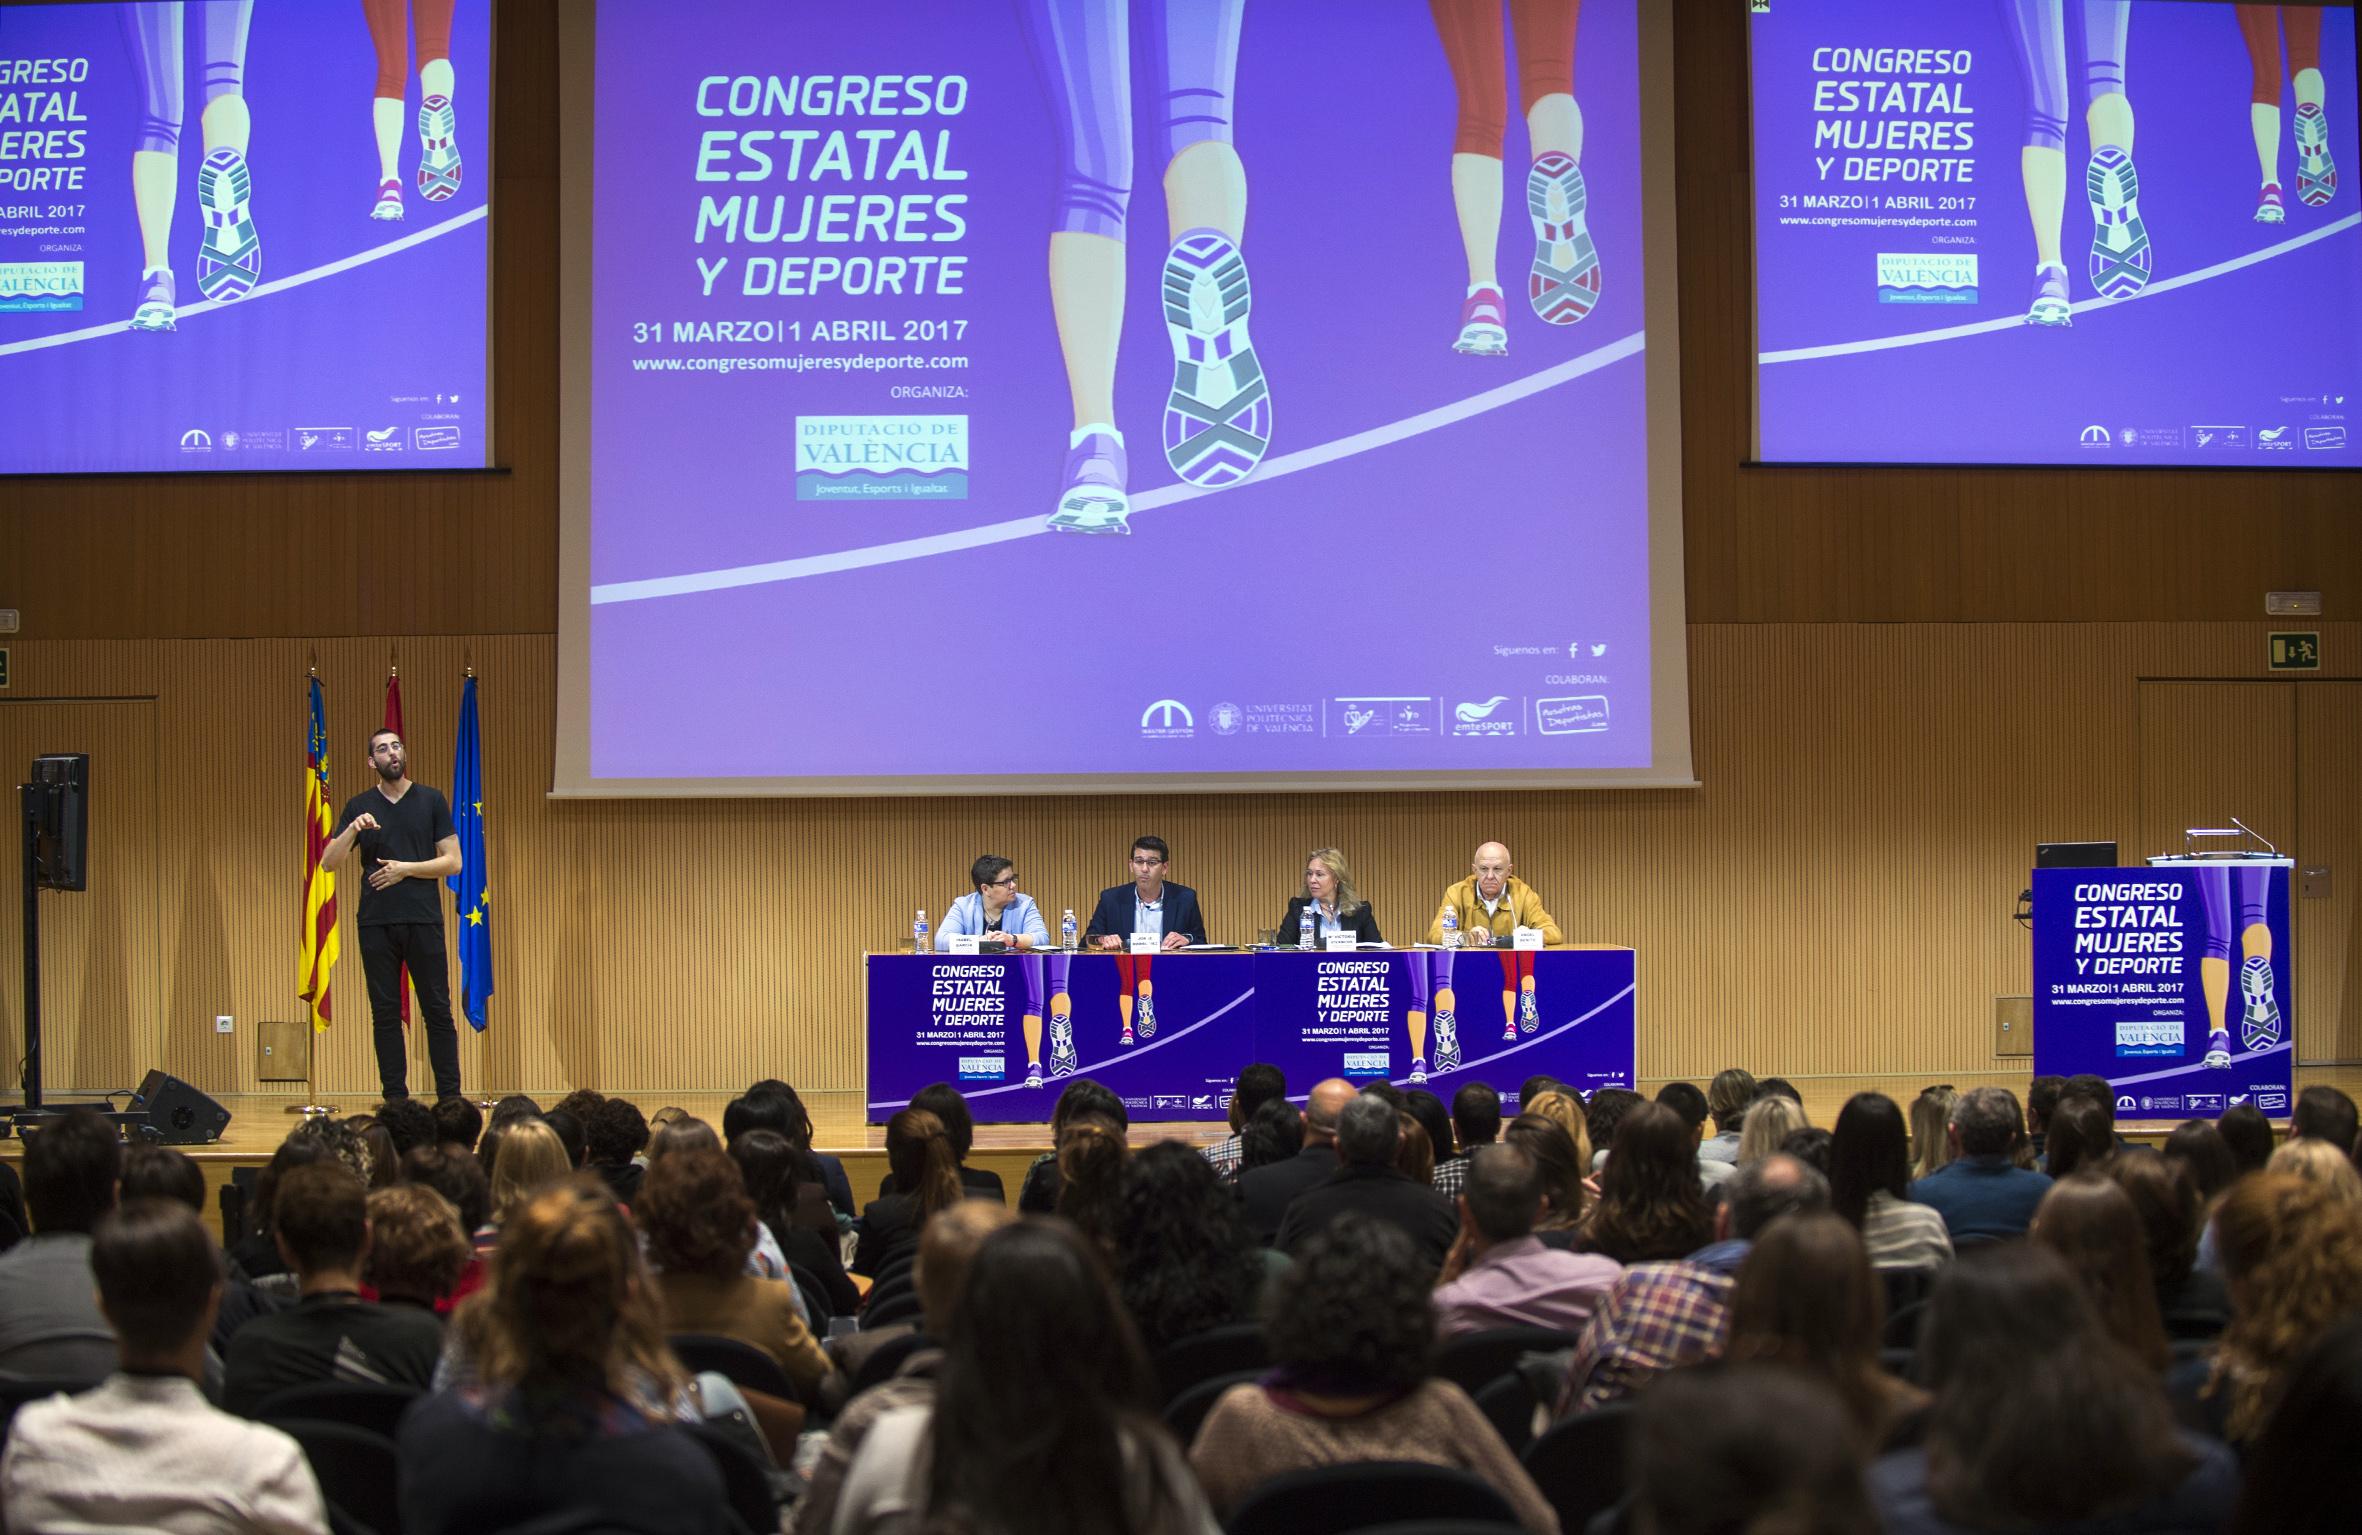 Inauguración del Congreso 'Mujeres y Deporte' a cargo del presidente de la Diputación.